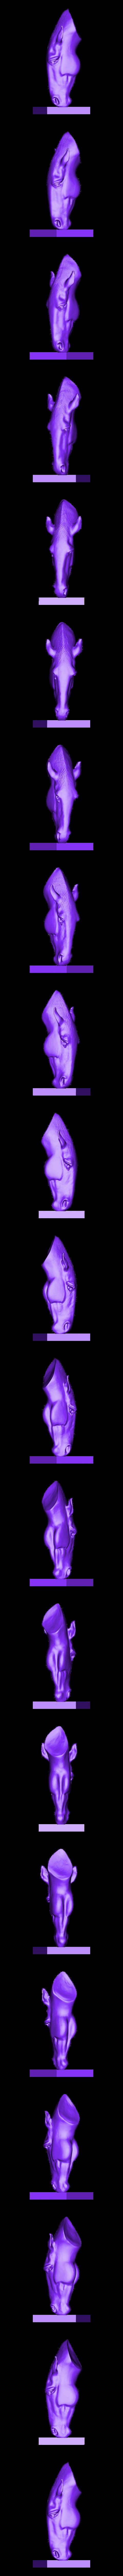 MarwariHorse.stl Télécharger fichier STL gratuit Eau plate • Modèle pour imprimante 3D, Cool3DModel